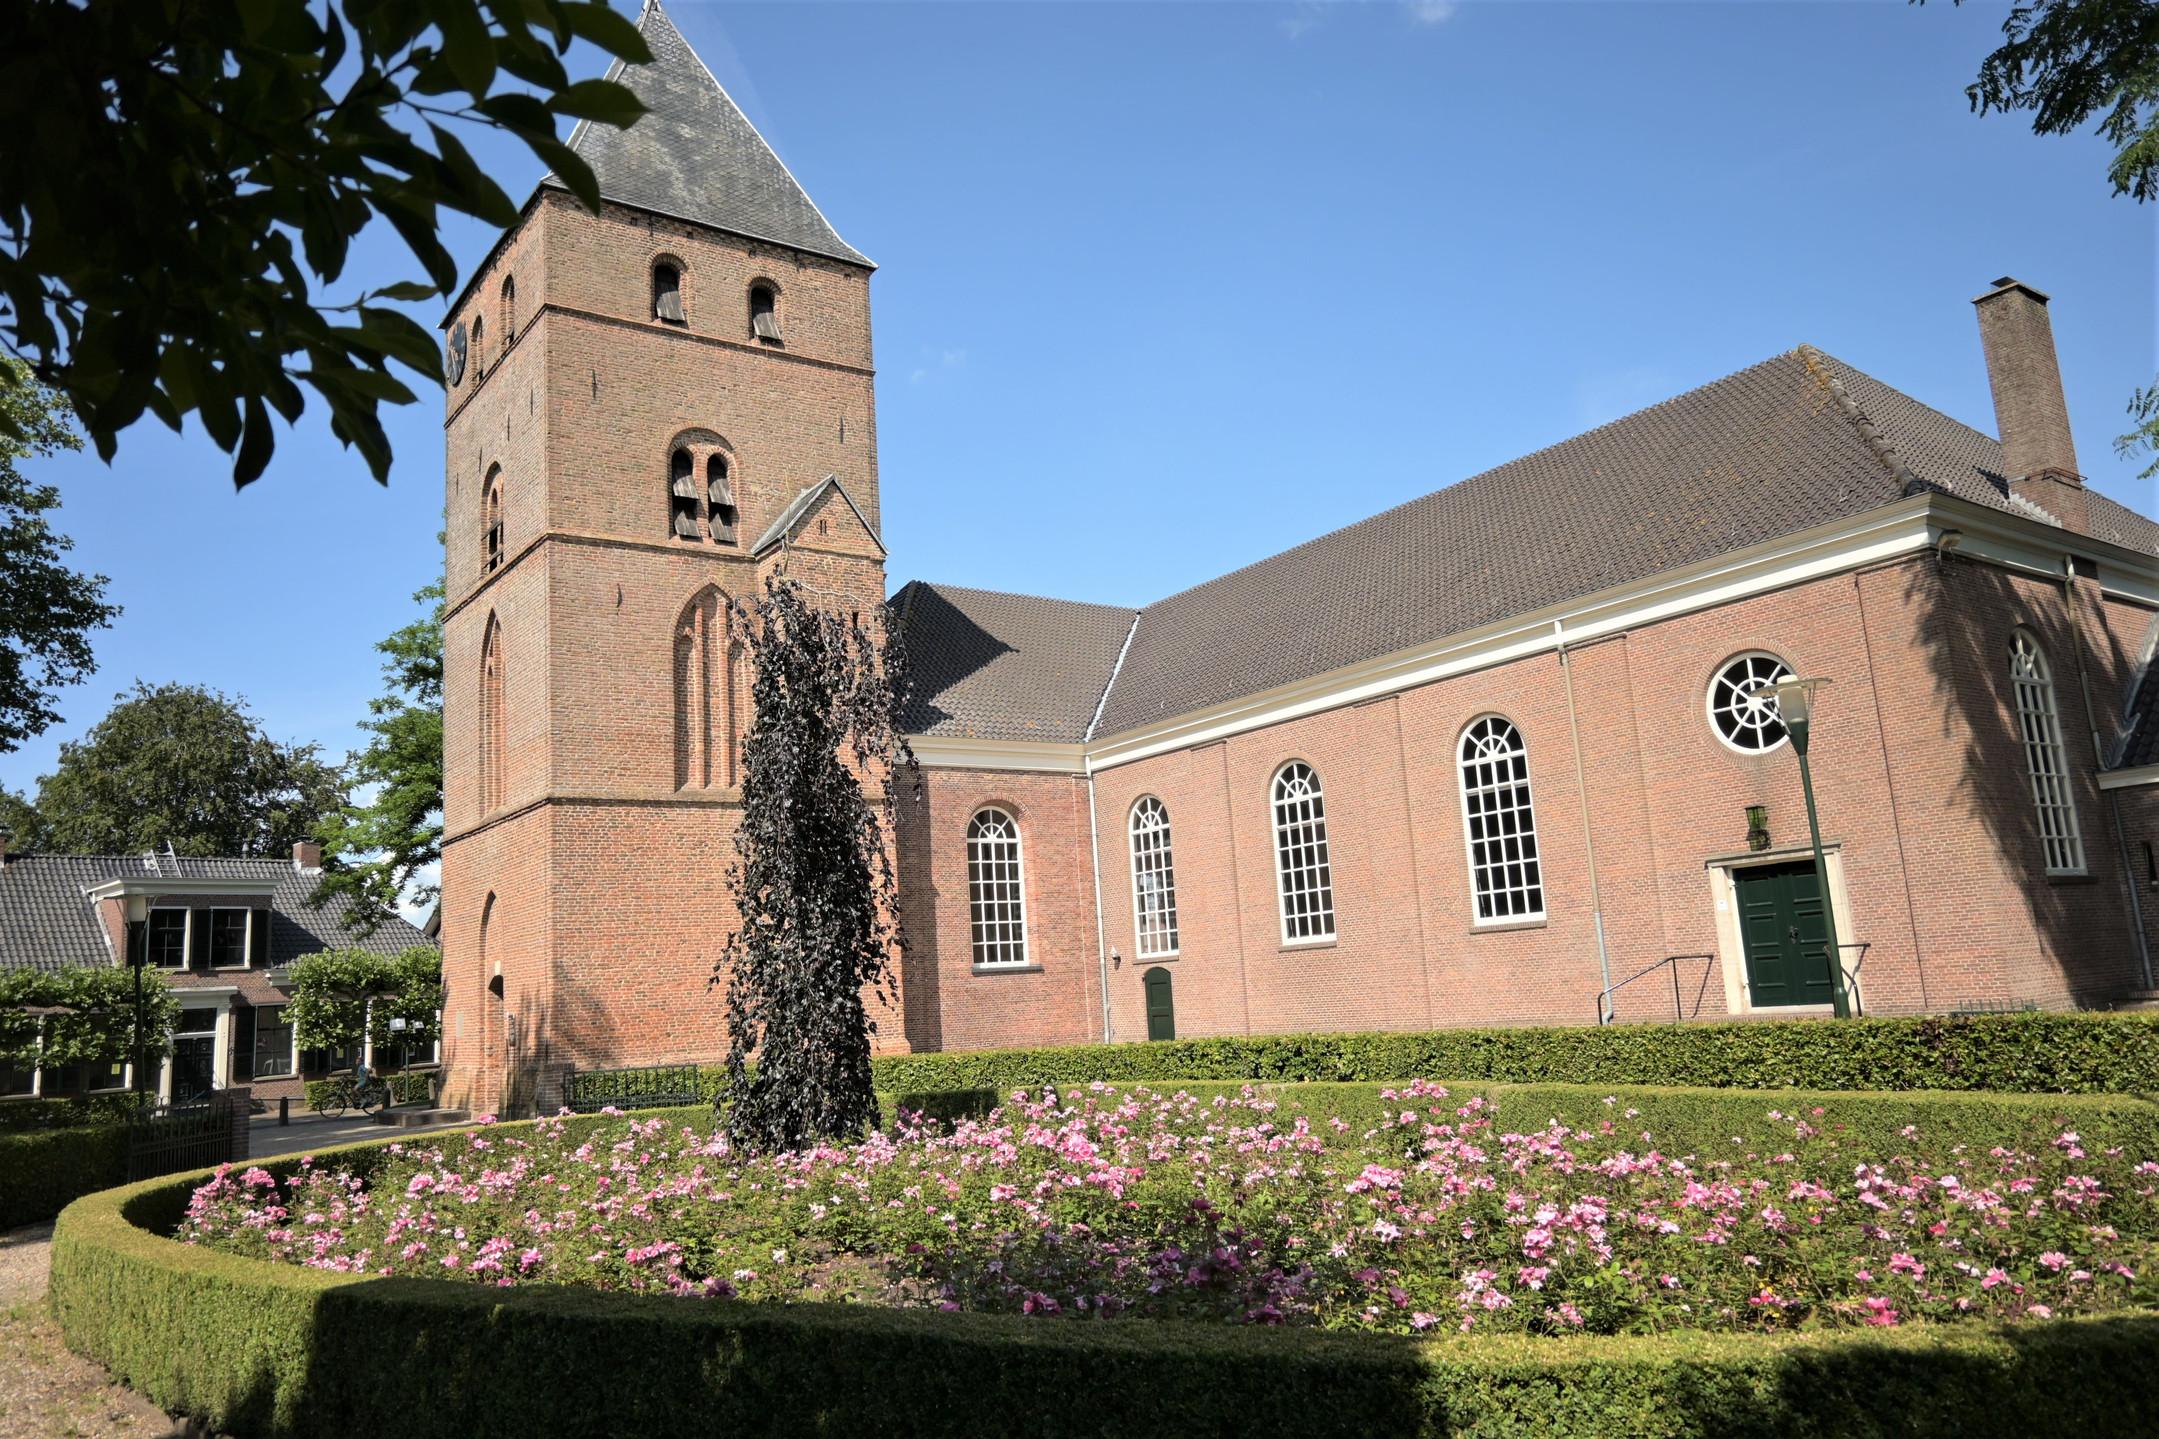 Den Ham church in Overijssel - the Netherlands